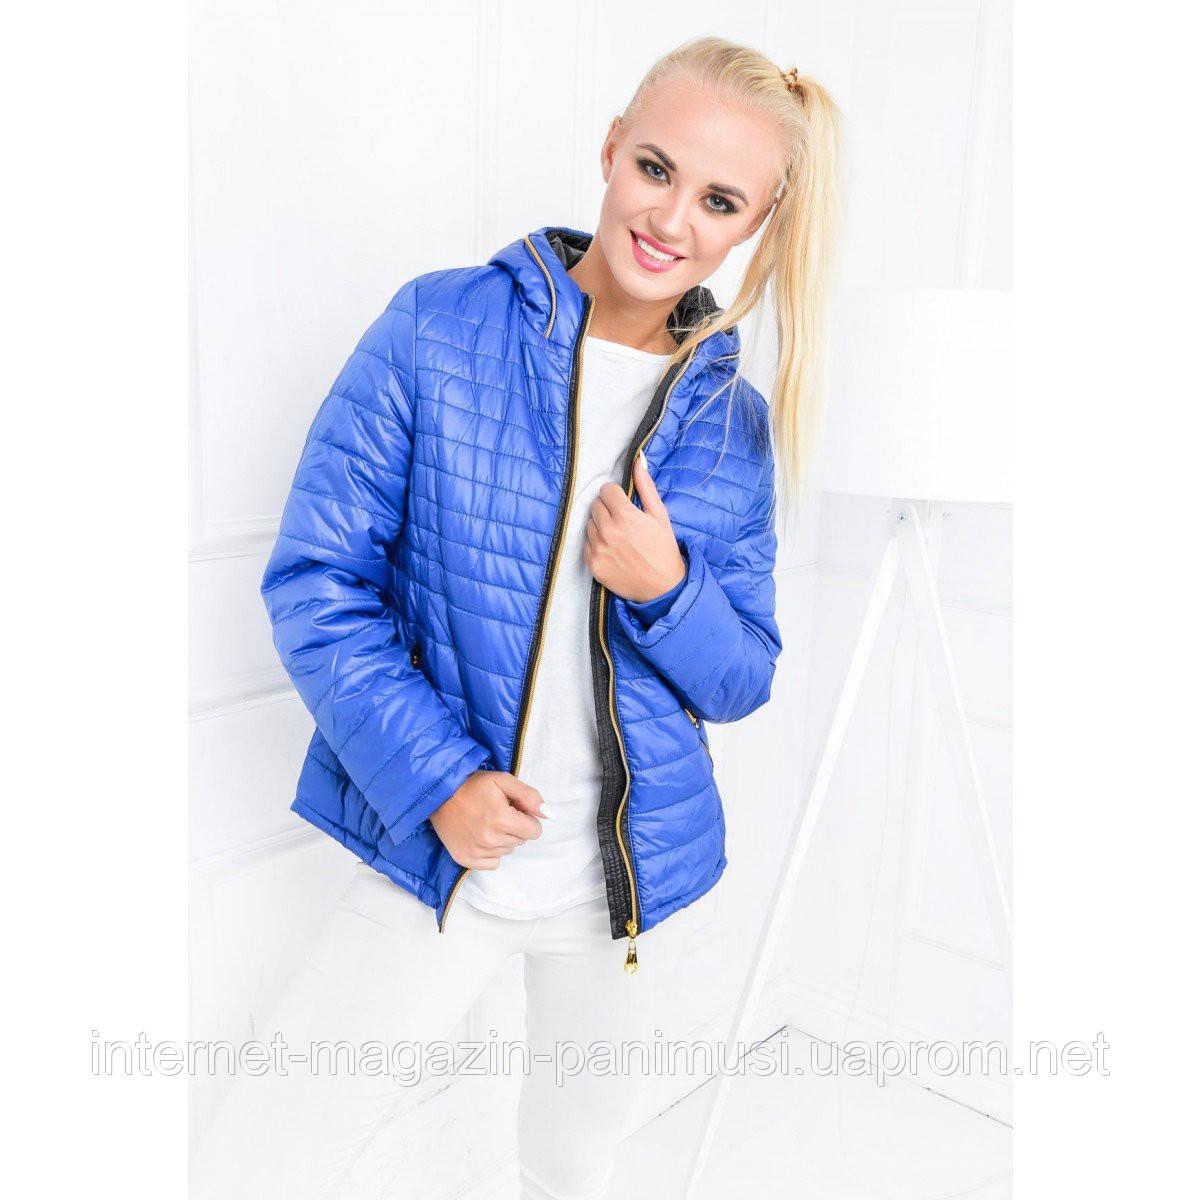 6d05f5277 Женская стеганная зимняя короткая куртка на меху. 4 цвета. Большие размеры  Бесплатная Доставка -